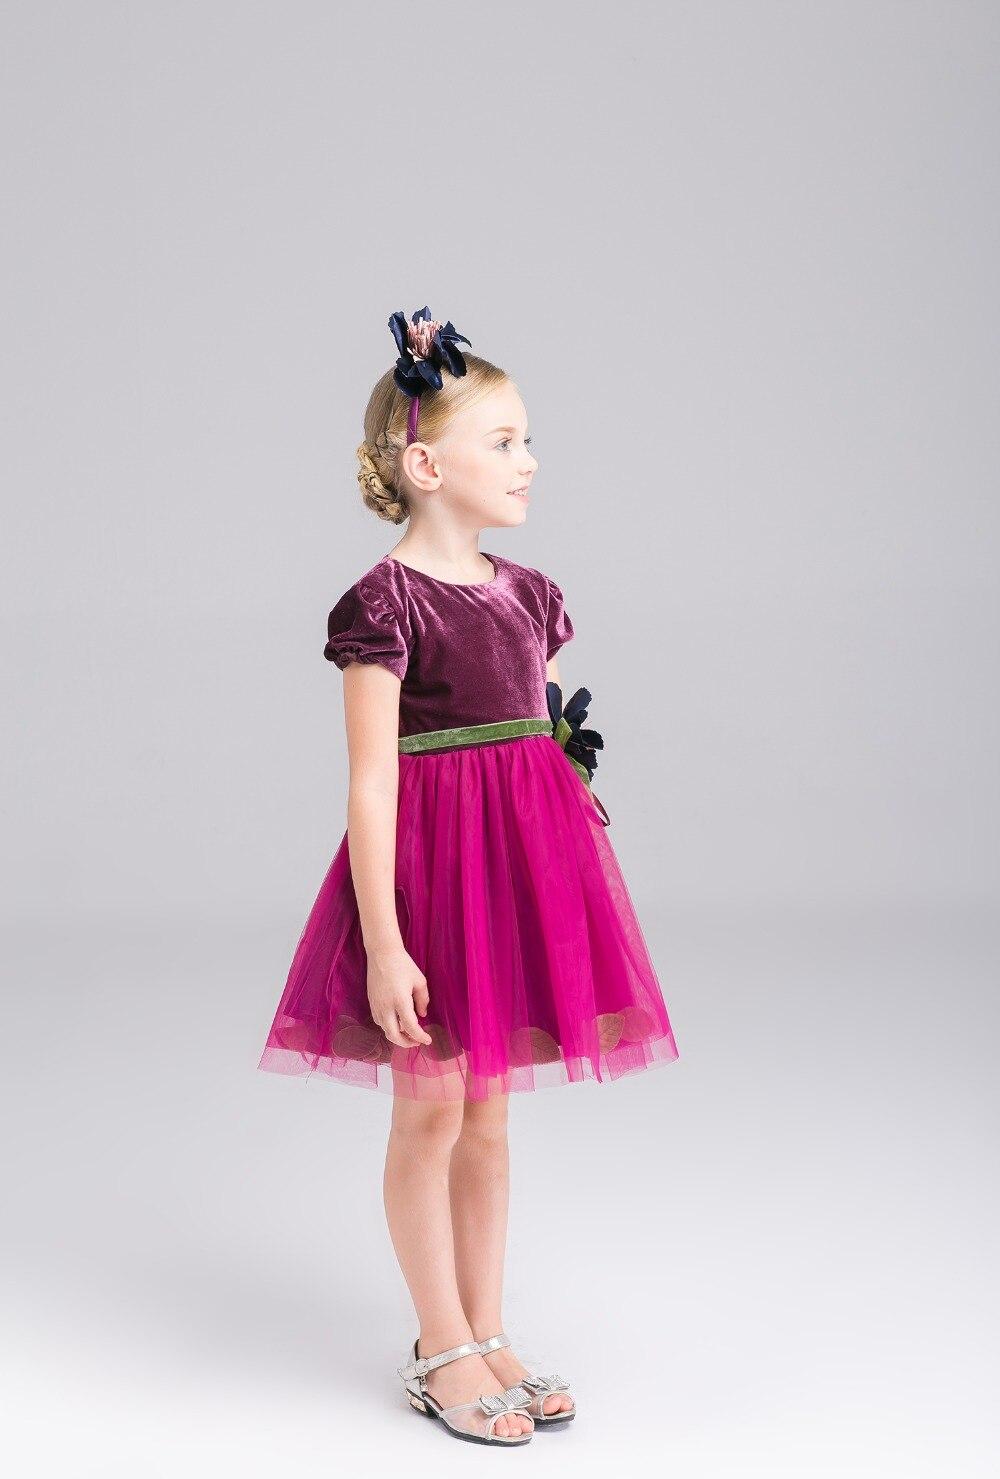 Hermosa Niños Se Visten Partido Fotos - Ideas de Estilos de Vestido ...